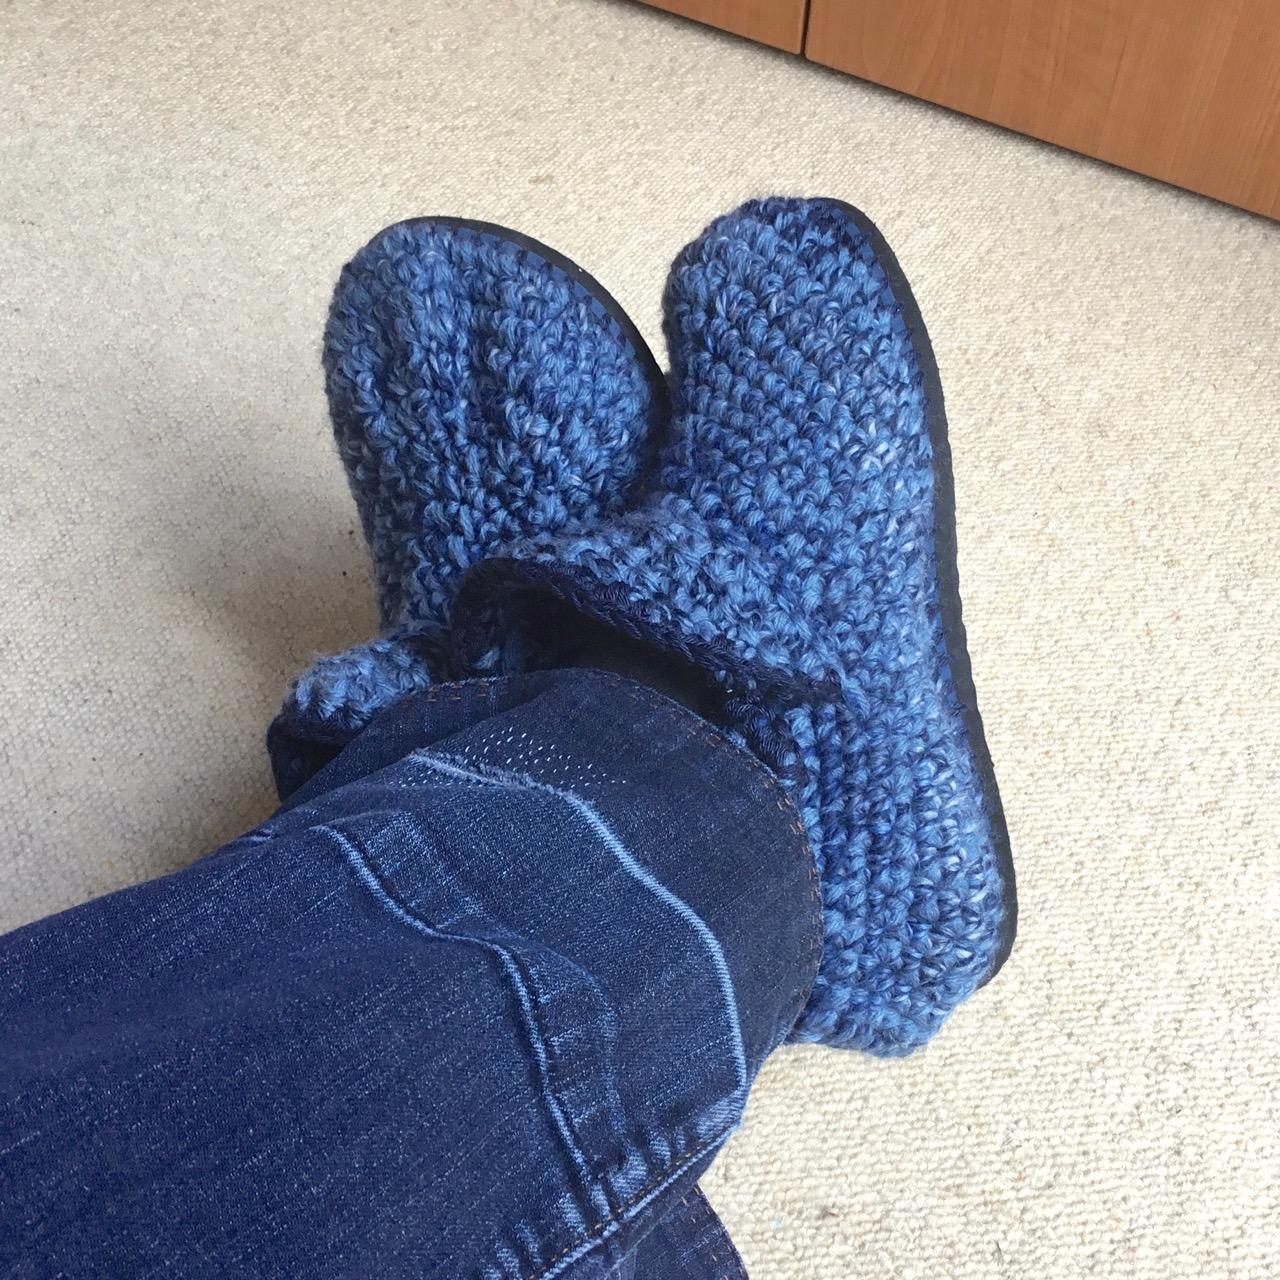 Crocheting slippers using Flip-Flops